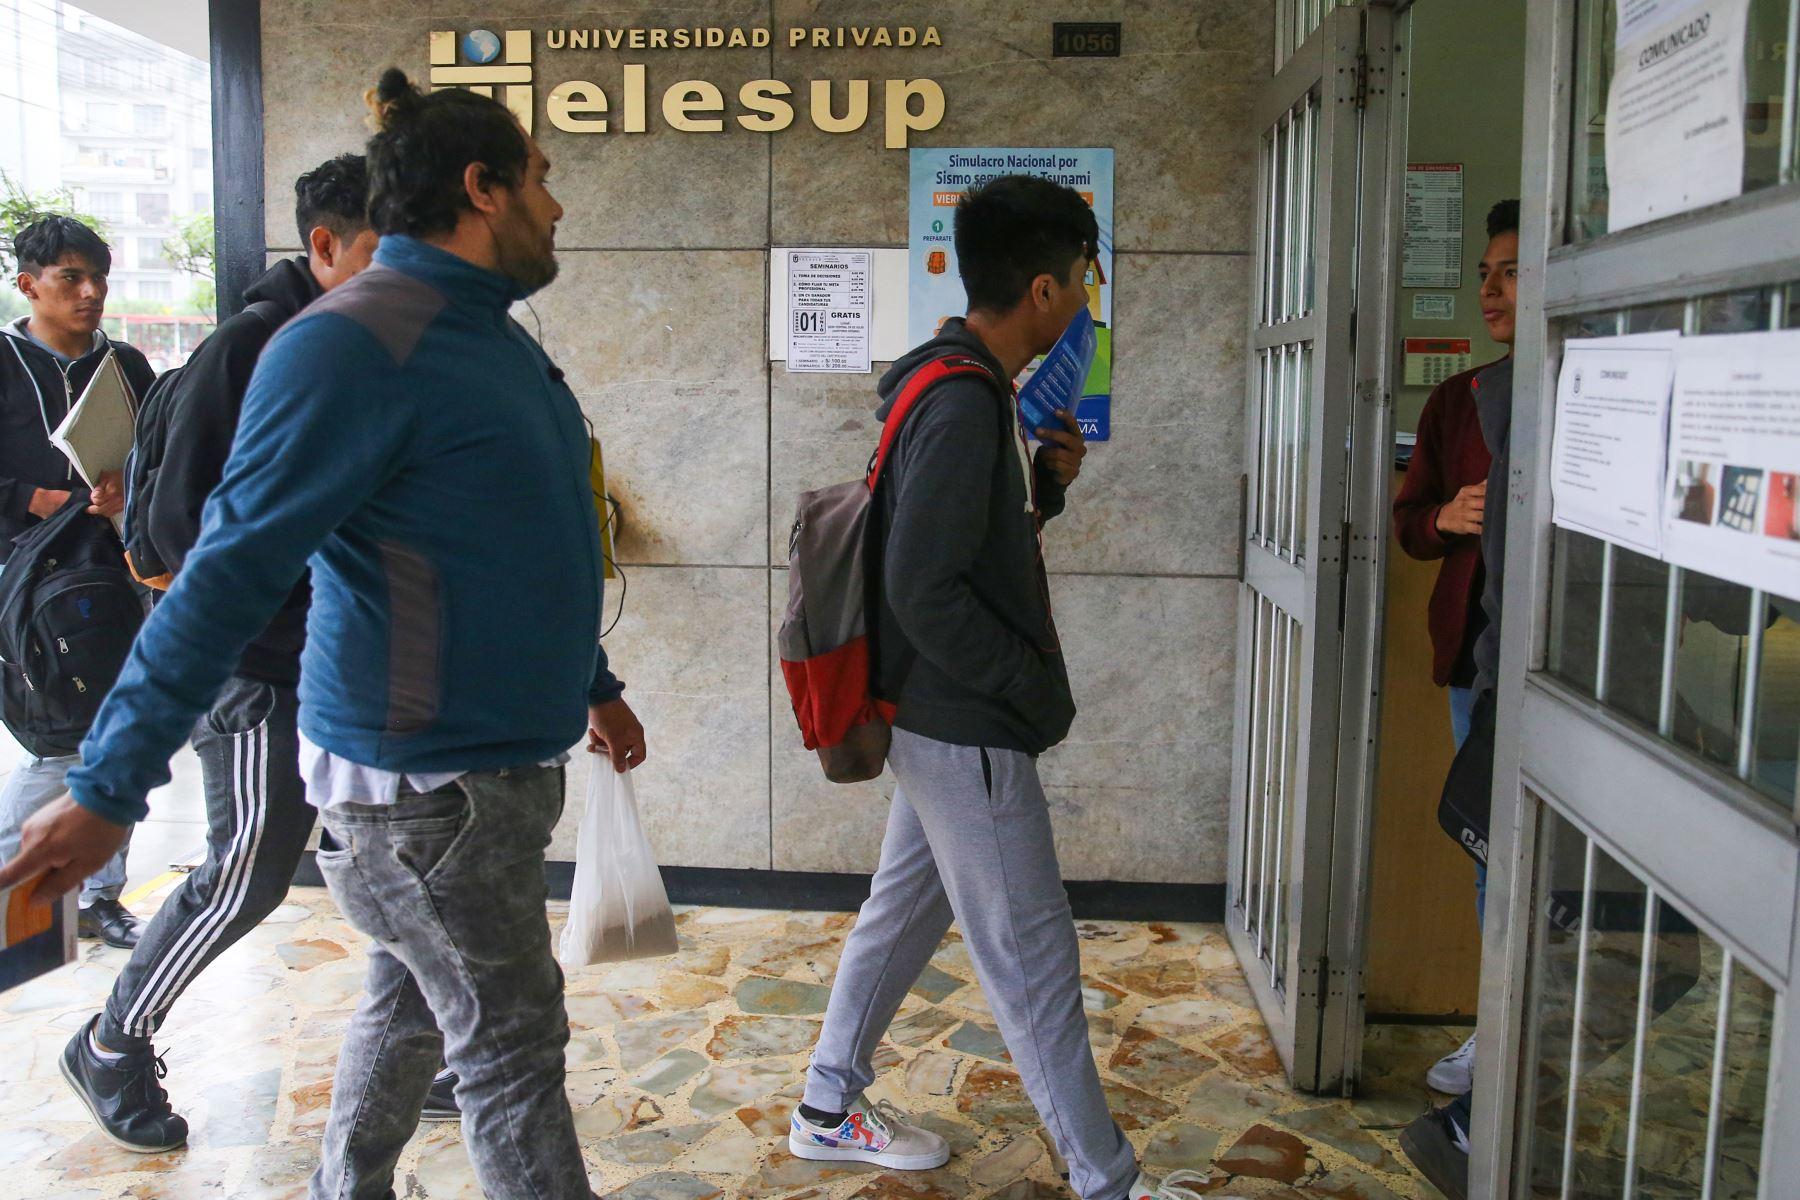 La Sunedu negó el licenciamiento institucional a la Universidad Privada Telesup, que atiende a más de 20 mil estudiantes, debido a que incumple las condiciones básicas de calidad establecidas en la Ley Universitaria. Foto: ANDINA/Vidal Tarqui